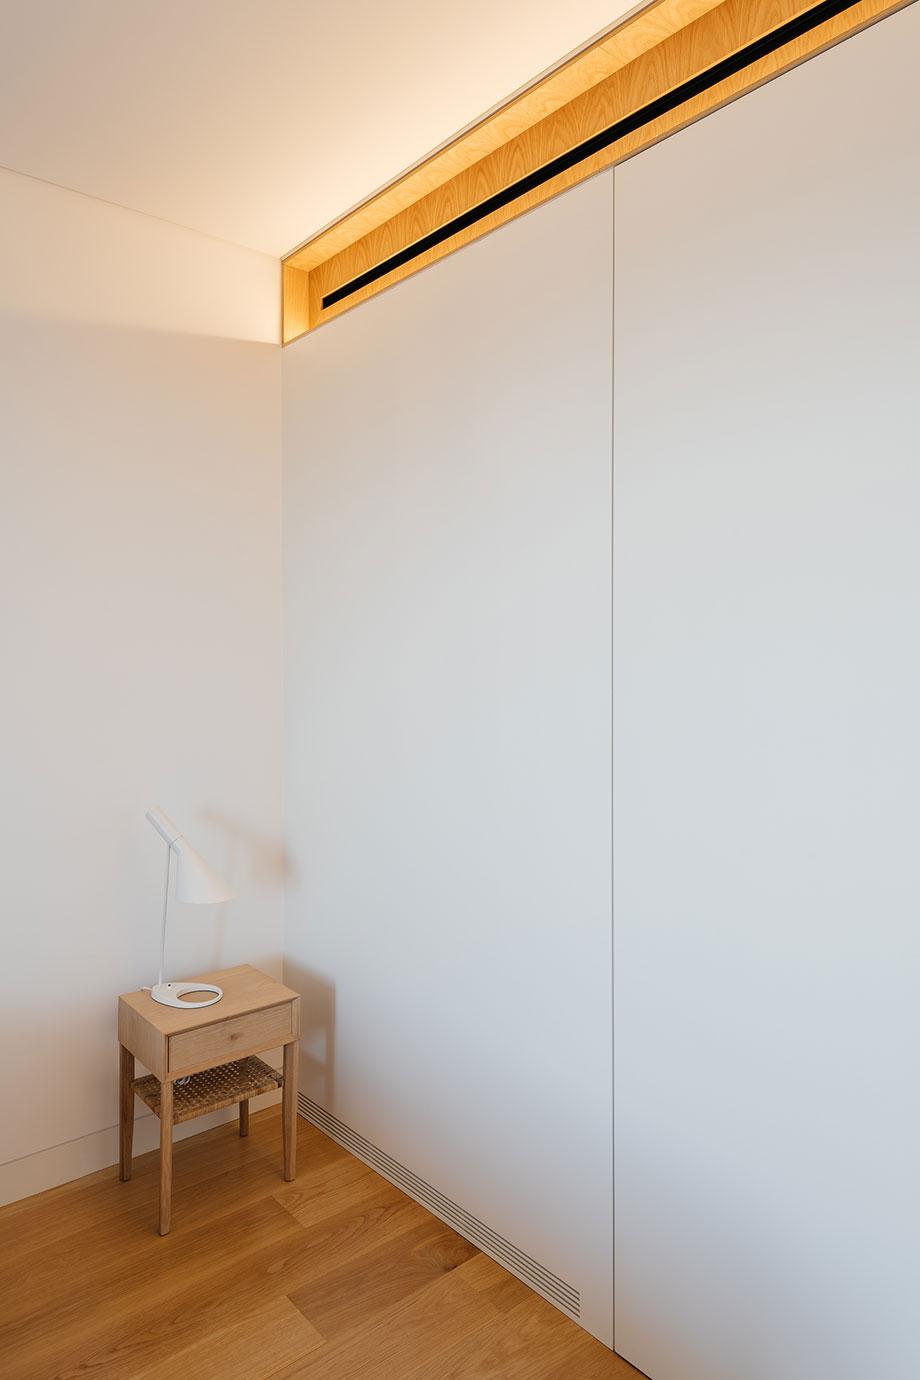 dos apartamentos en lisboa de aurora arquitectos (19) - foto do mal o menos